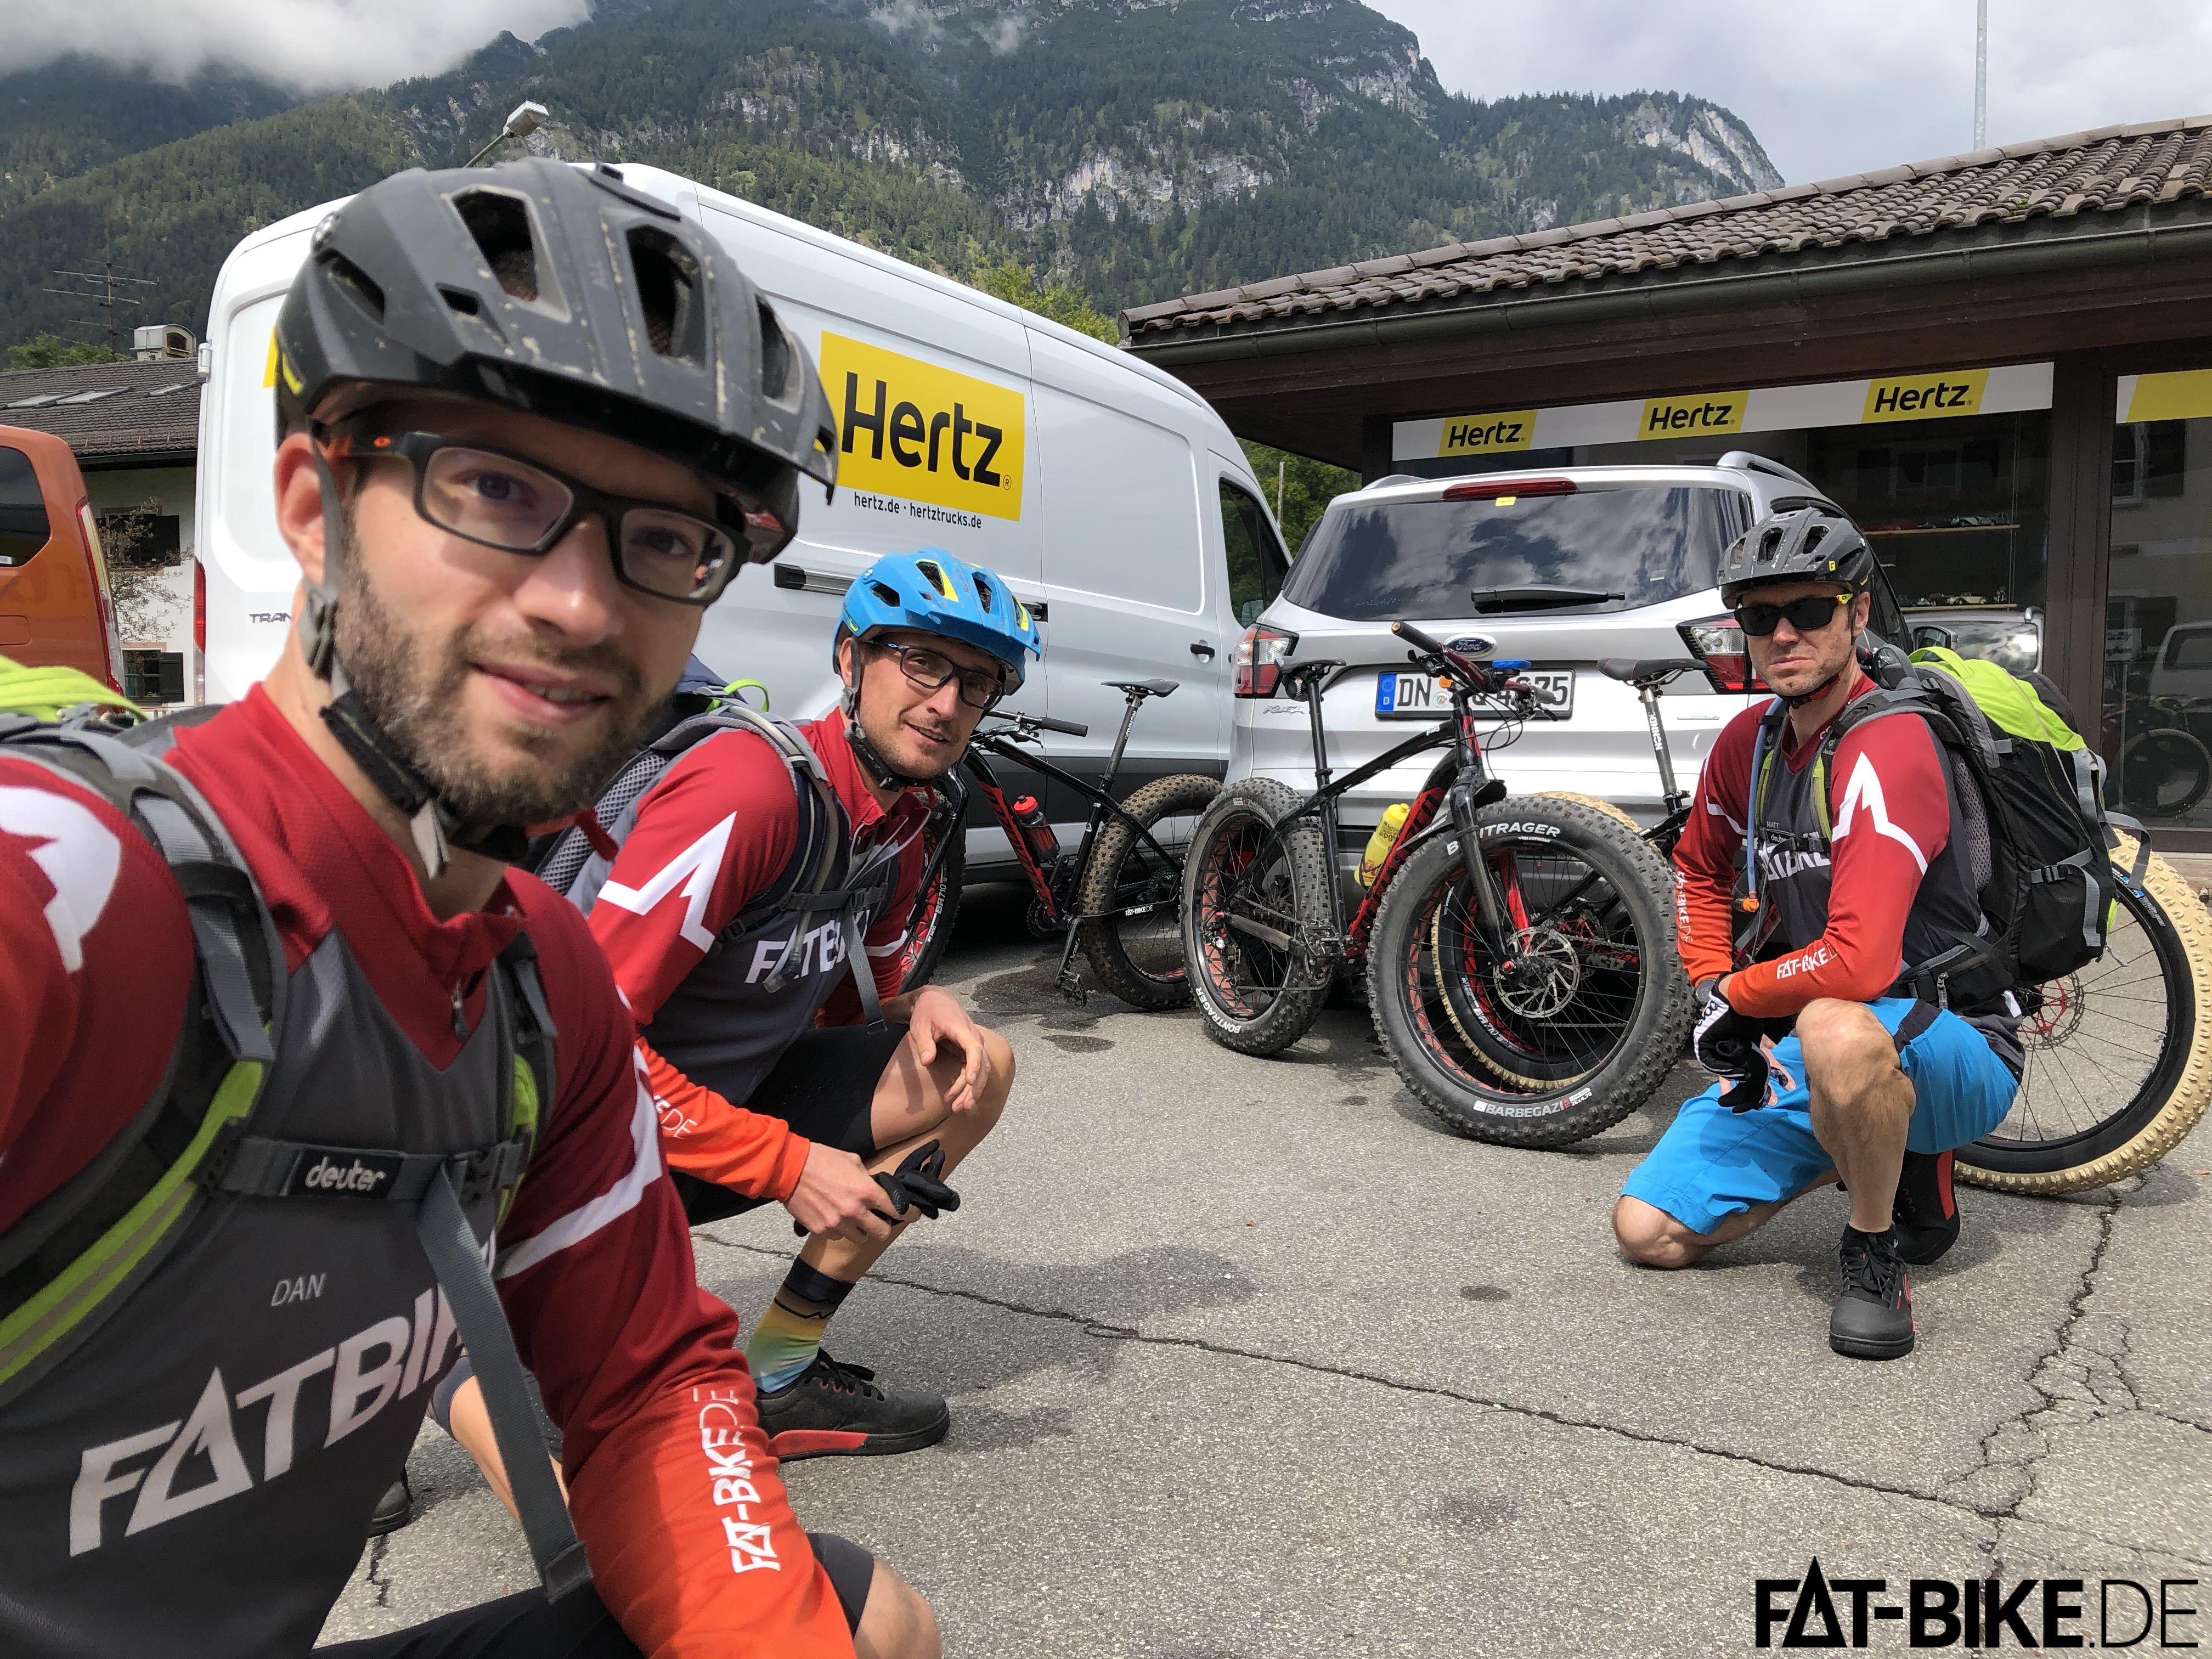 Ankunft in Garmisch, Bikes auspacken, Karre abgeben, und erstmal FAT zum Mittag rollen